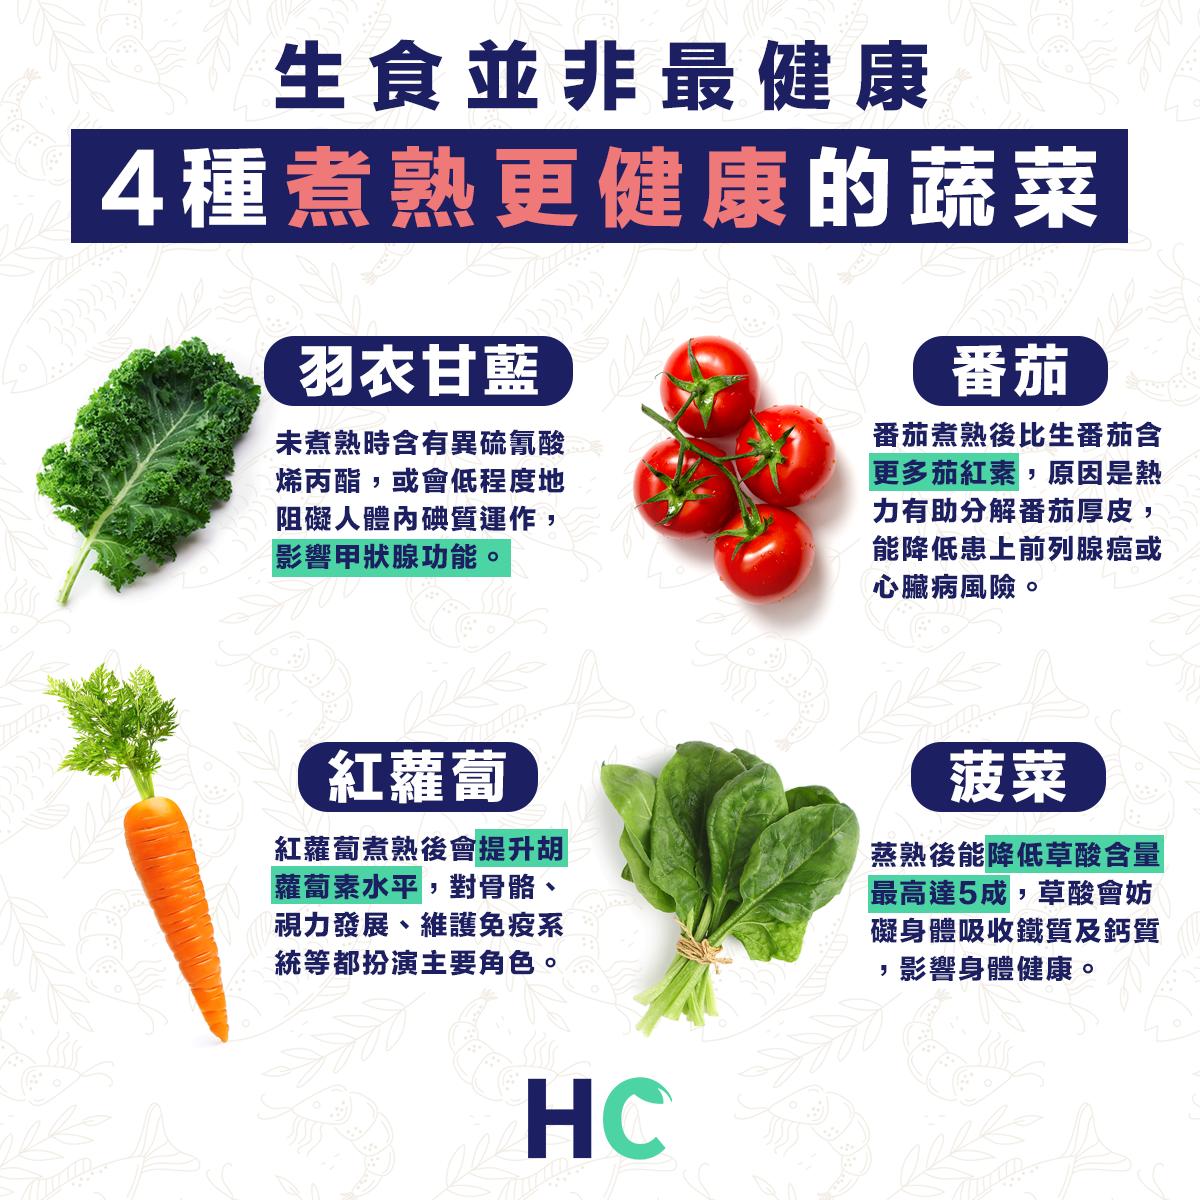 生食並非最健康 4種煮熟更健康的蔬菜